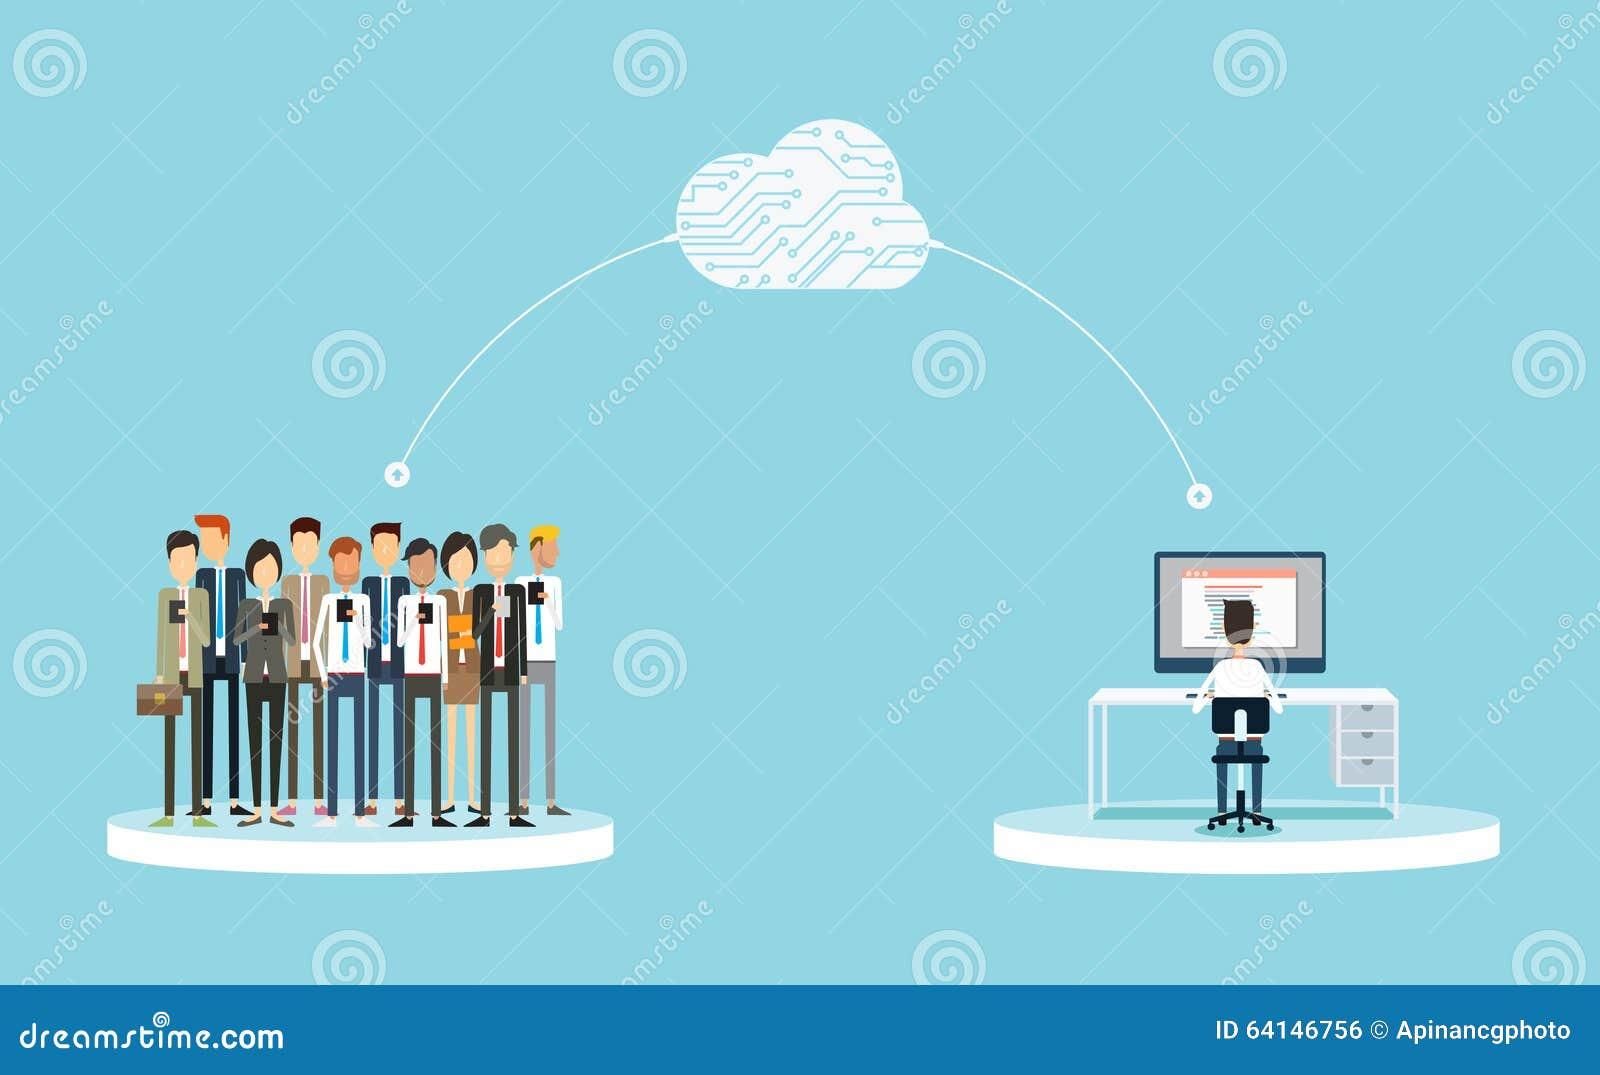 Conexão de negócio aos clientes no conceito da nuvem relações públicas do negócio na linha negócio no conceito da rede da nuvem P